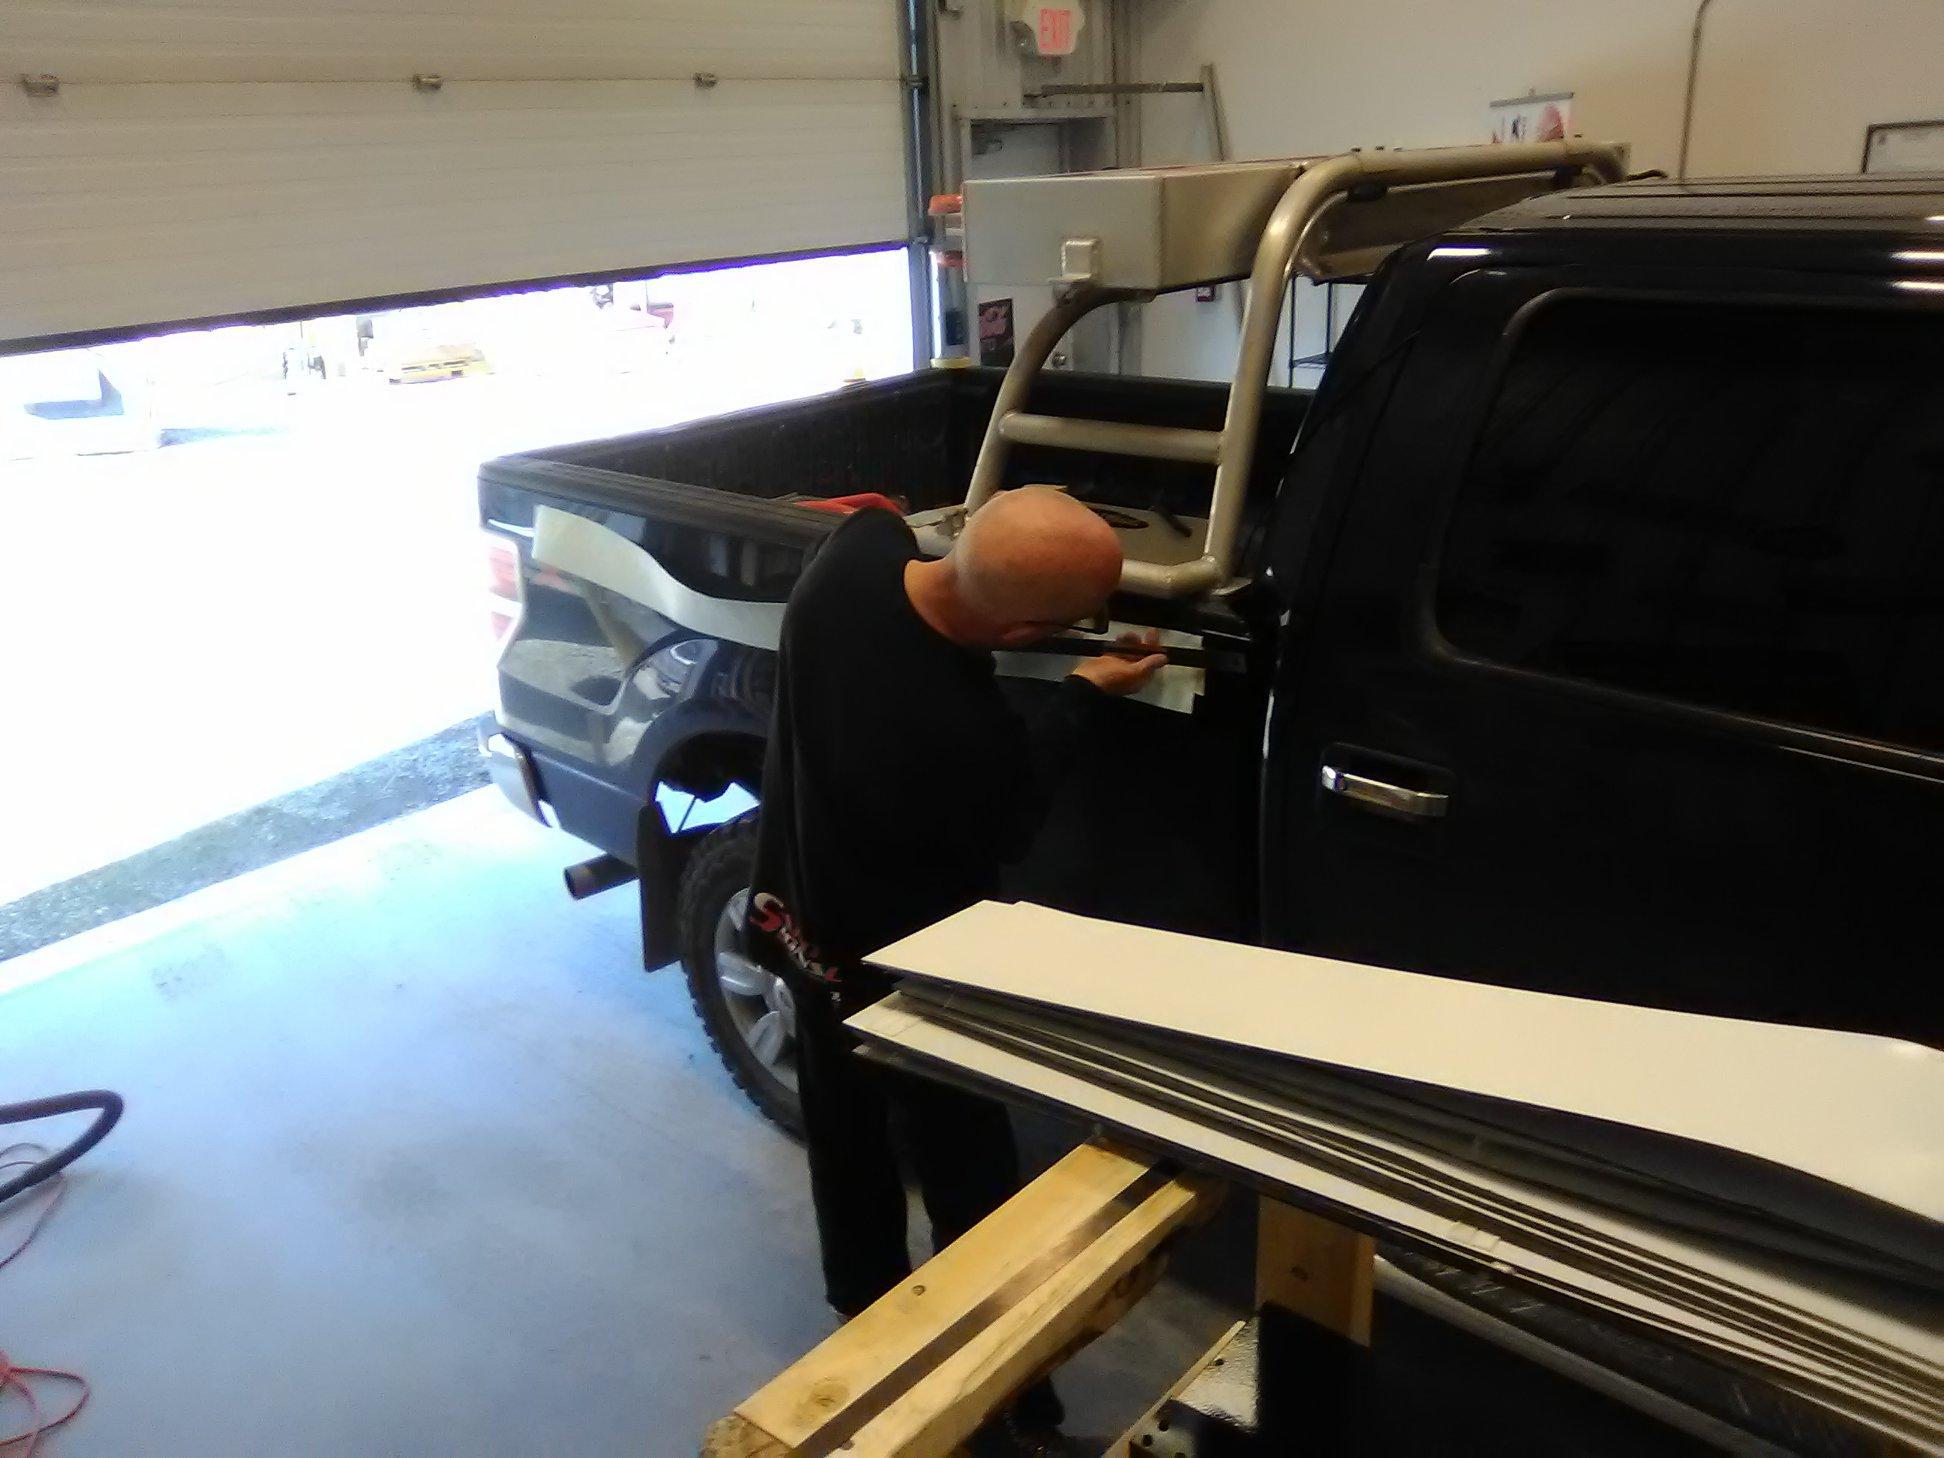 Vehicle Decals for Flash Pilot Car & Hot Shot Fleet.